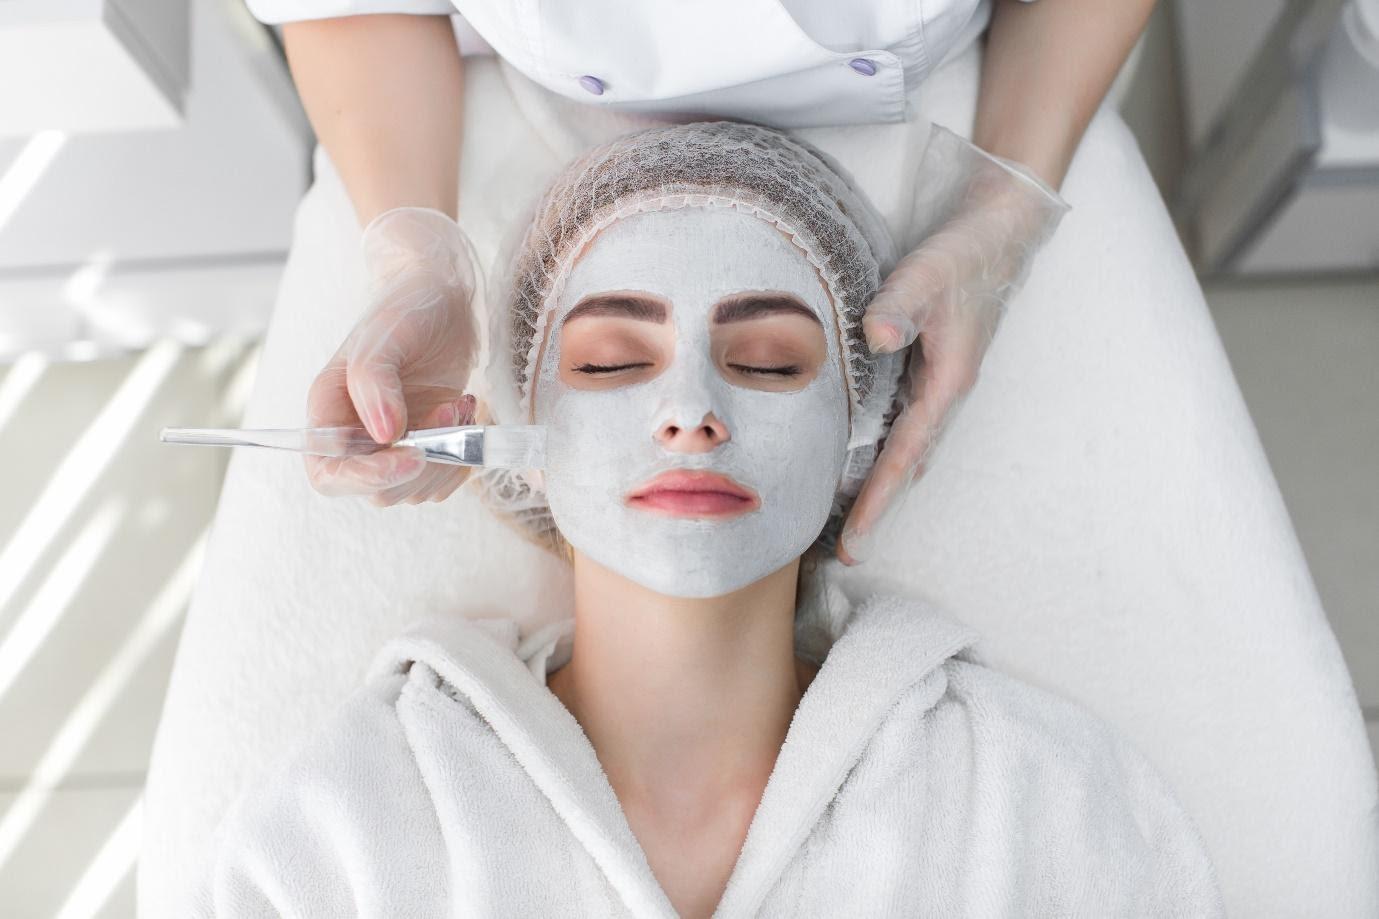 חשוב להתאים את סוג הטיפול לסוג העור שלך